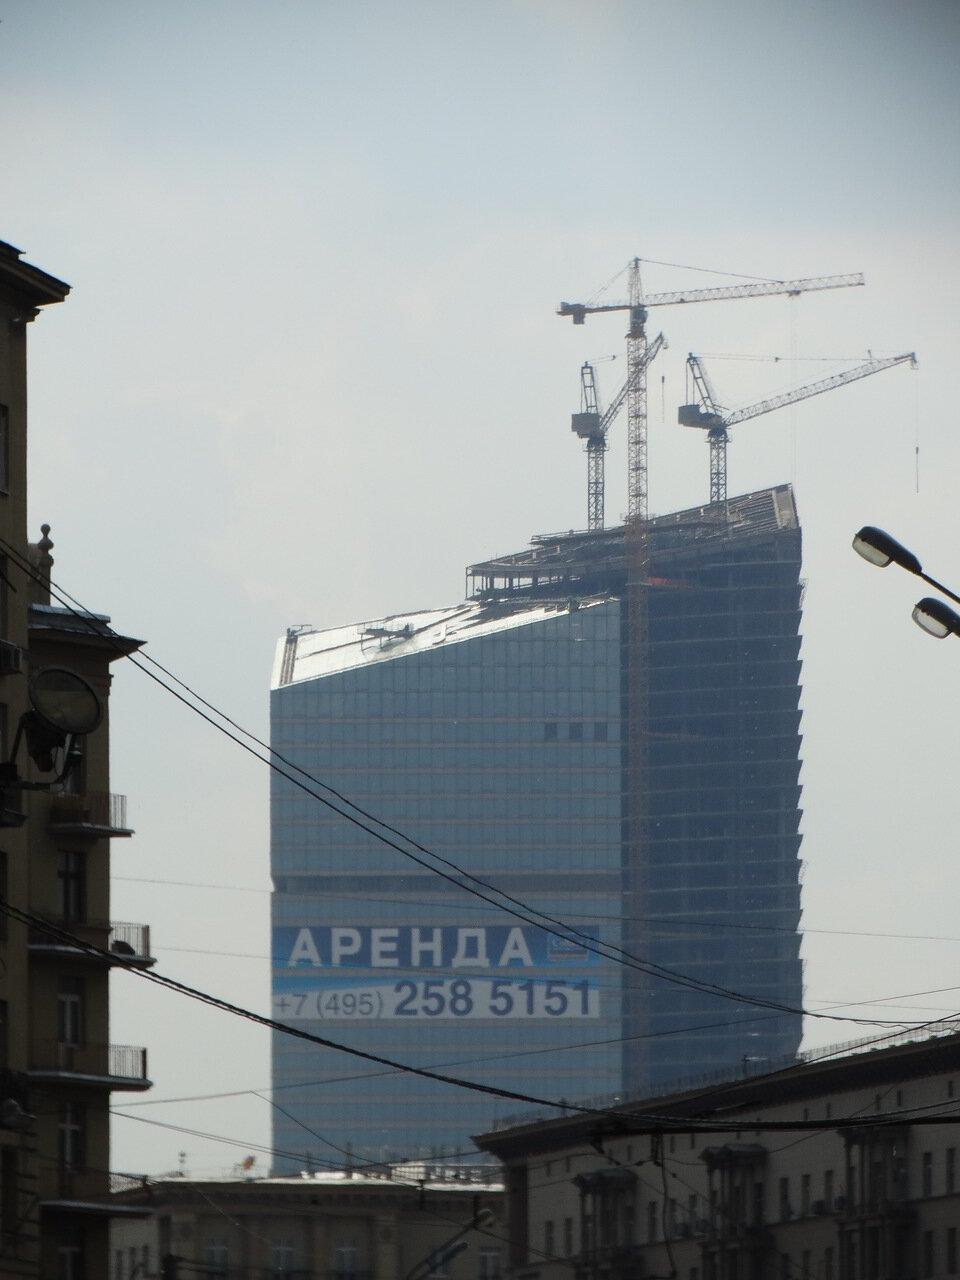 http://img-fotki.yandex.ru/get/9115/8217593.16c/0_ae652_1a900aad_XXXL.jpg